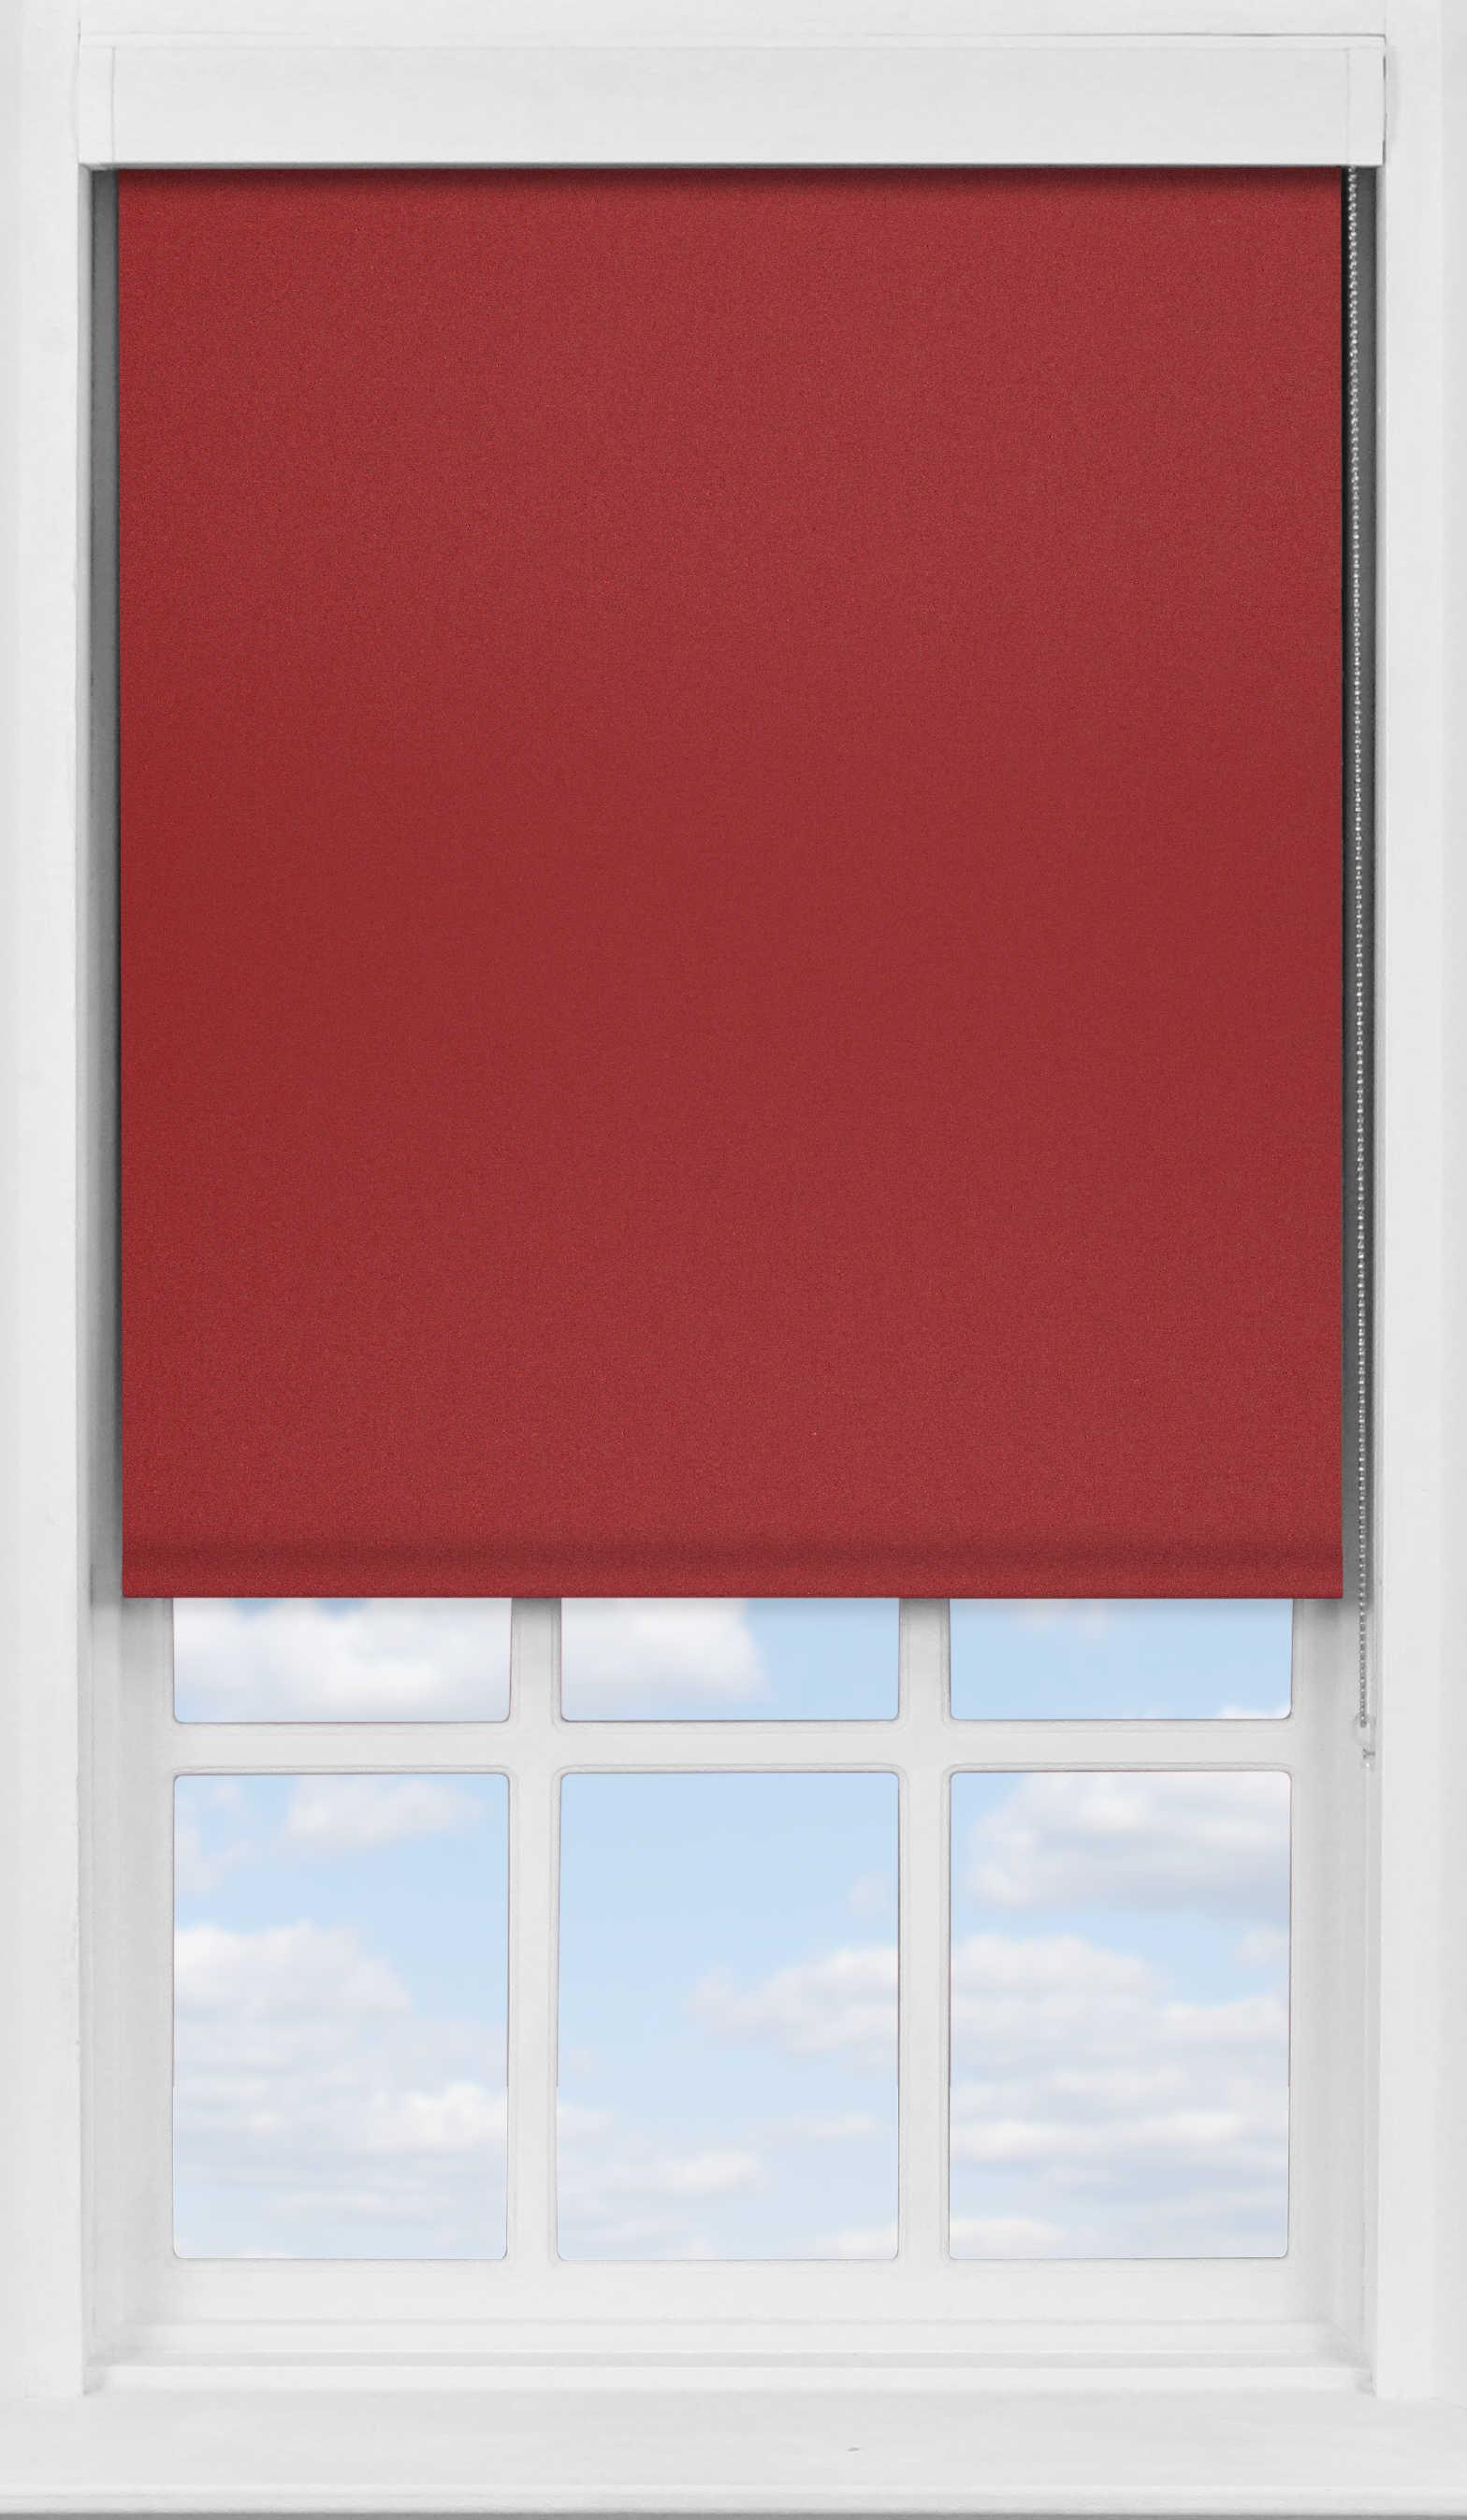 Premium Roller Blind in Ruby Translucent